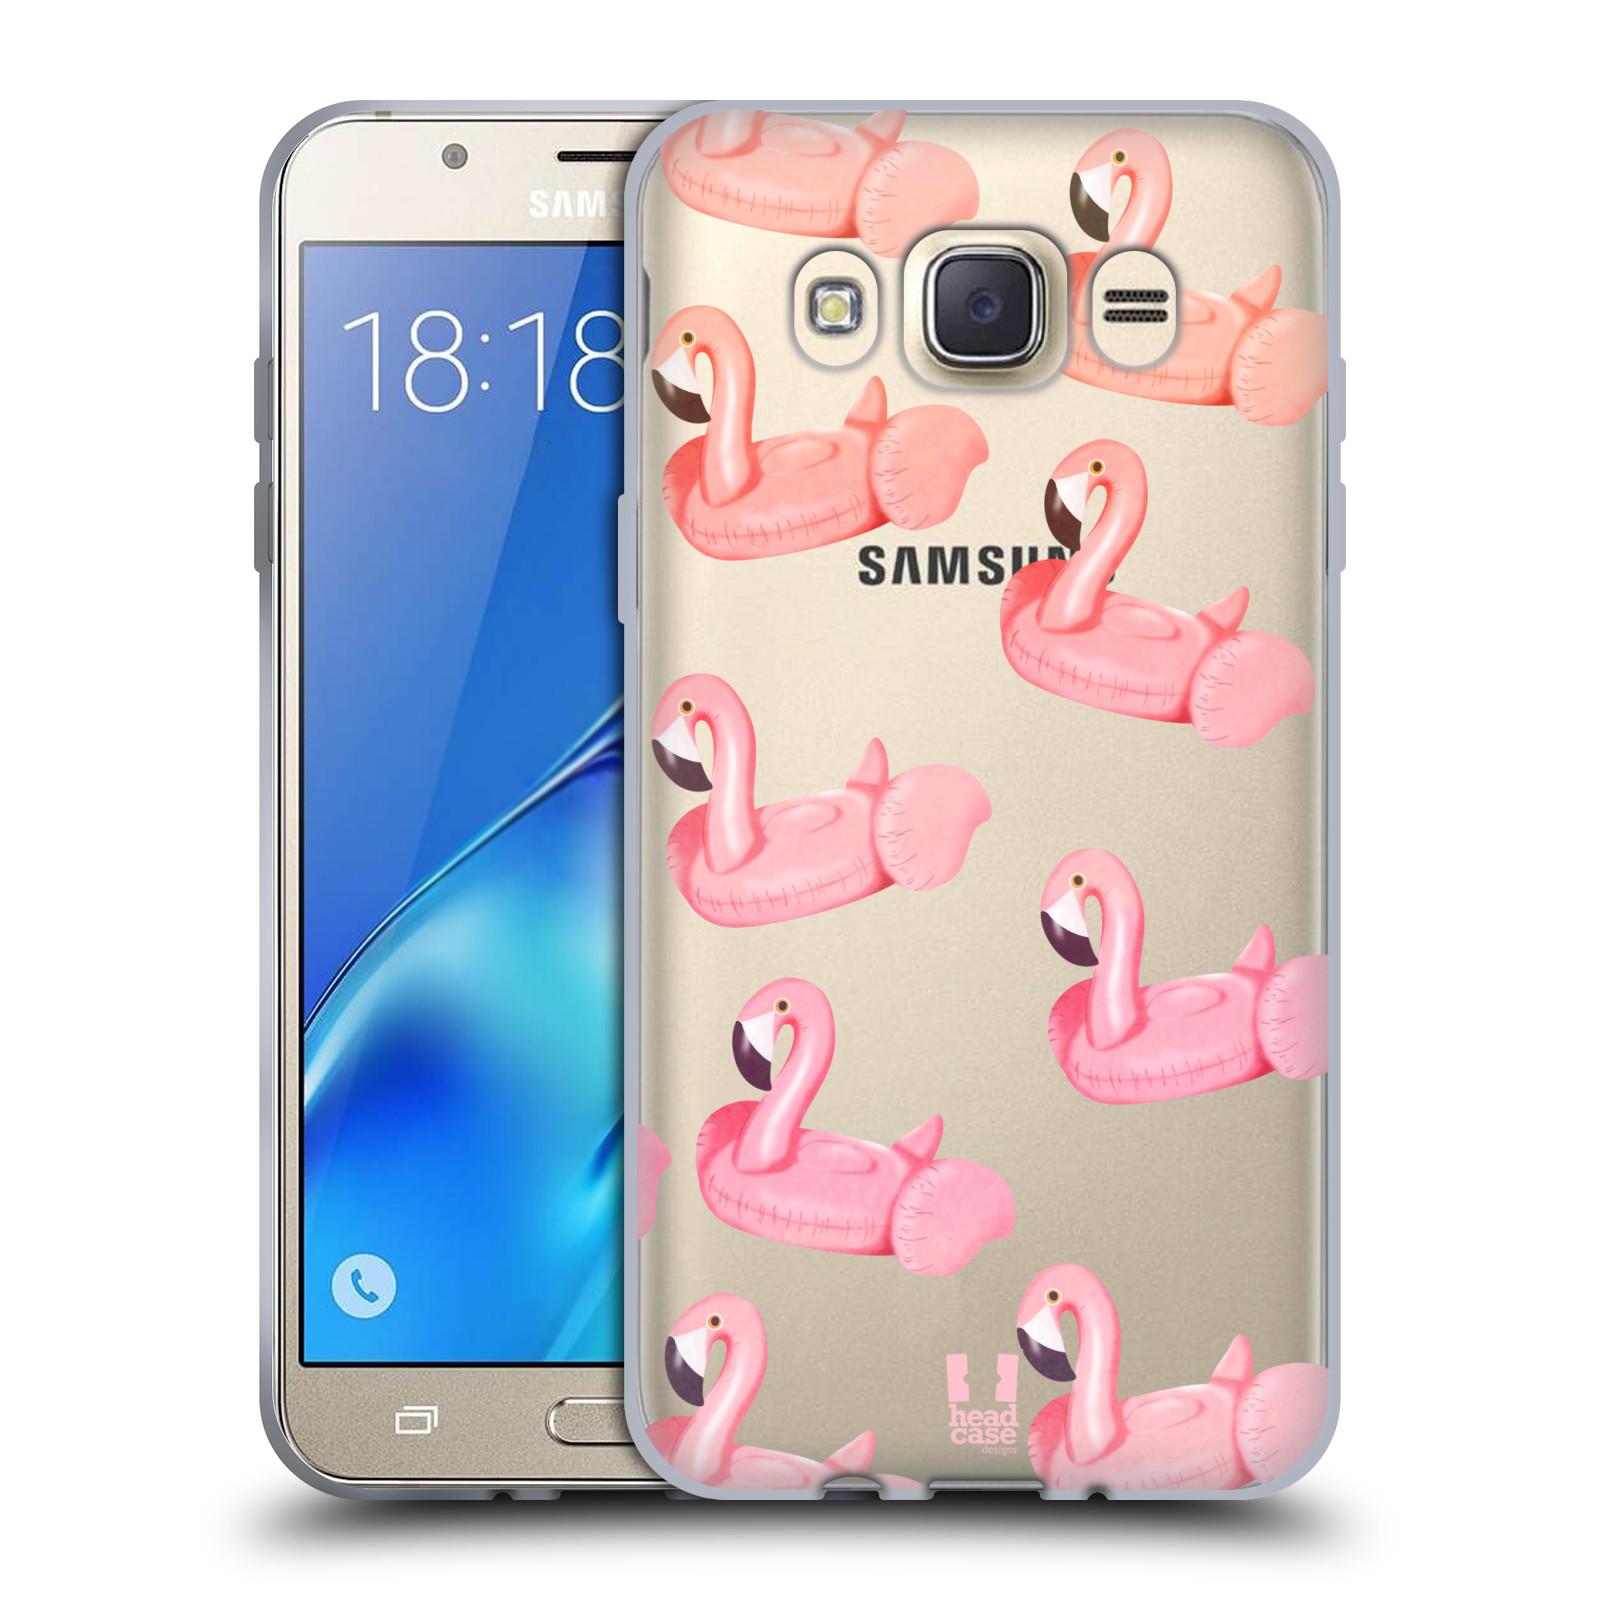 Silikonové pouzdro na mobil Samsung Galaxy J7 (2016) - Head Case - Kruh plaměňák